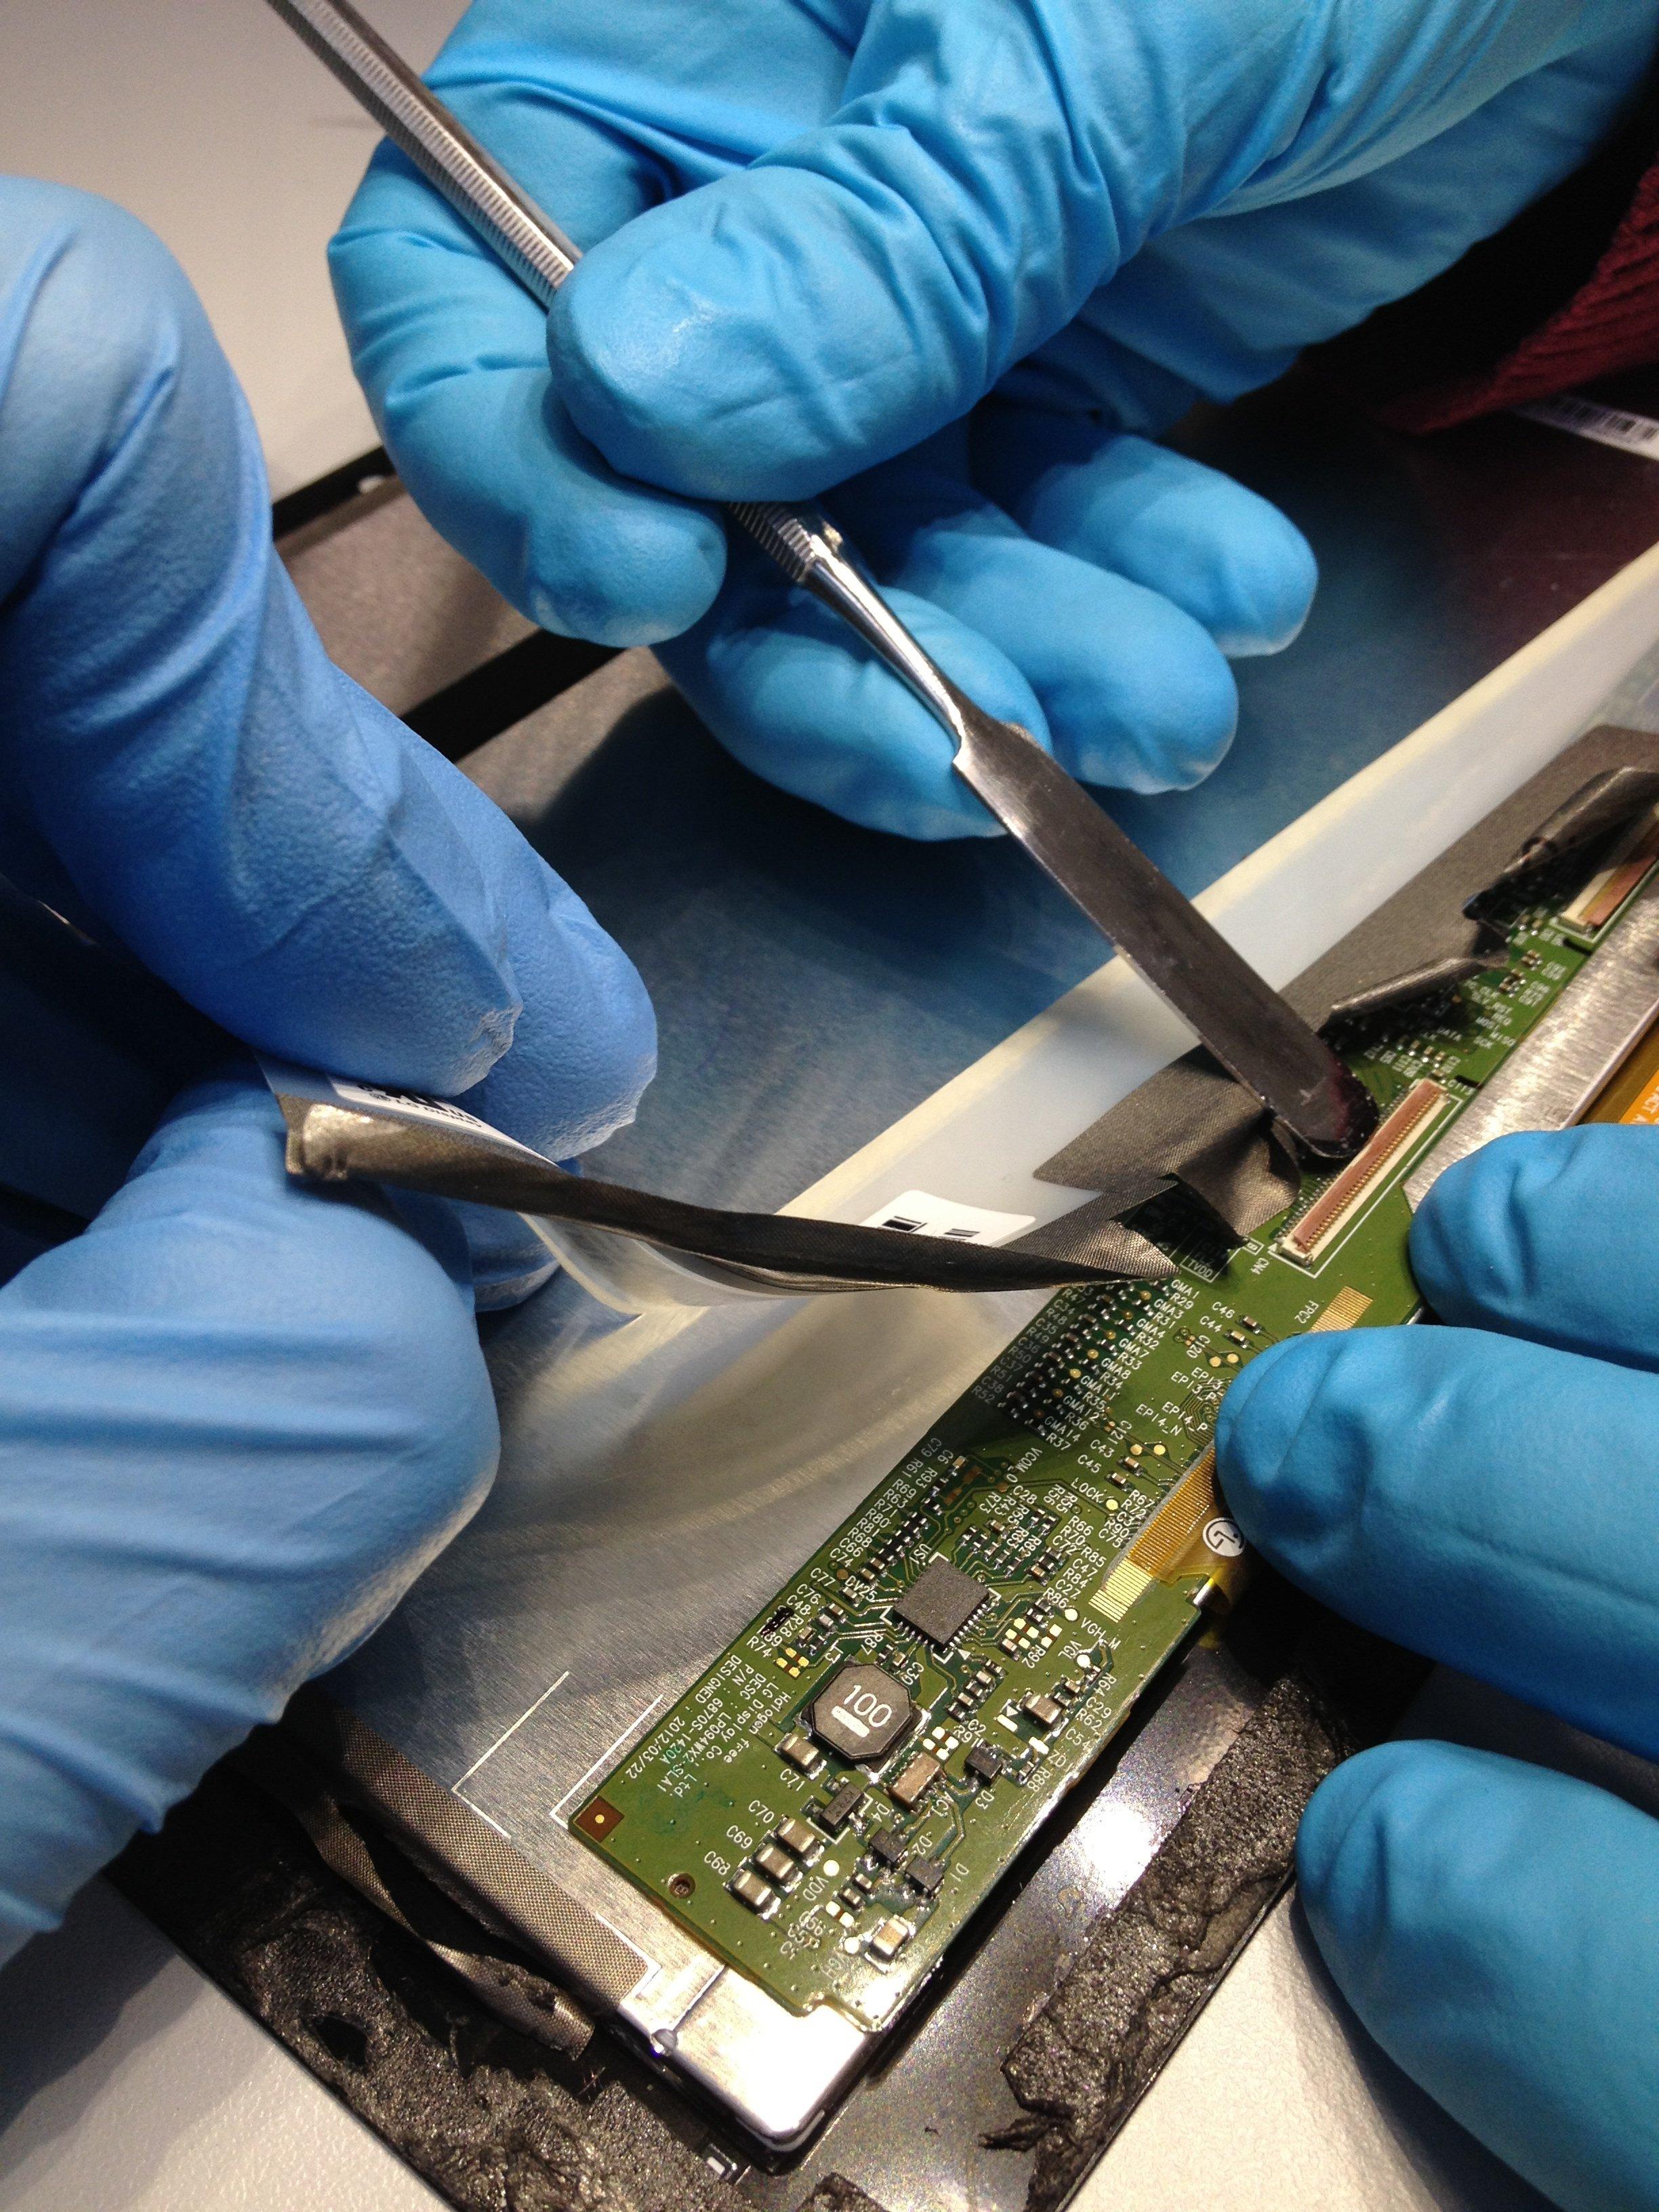 Die Fraunhofer-Forscher bei der Arbeit: Für Tablets-Besitzer empfiehlt es sich nicht, selbst Hand anzulegen. Eine Reparatur durch den Konsumenten ist bei der Mehrzahl der Geräte kaum möglich, ohne Teile des Geräts zu beschädigen